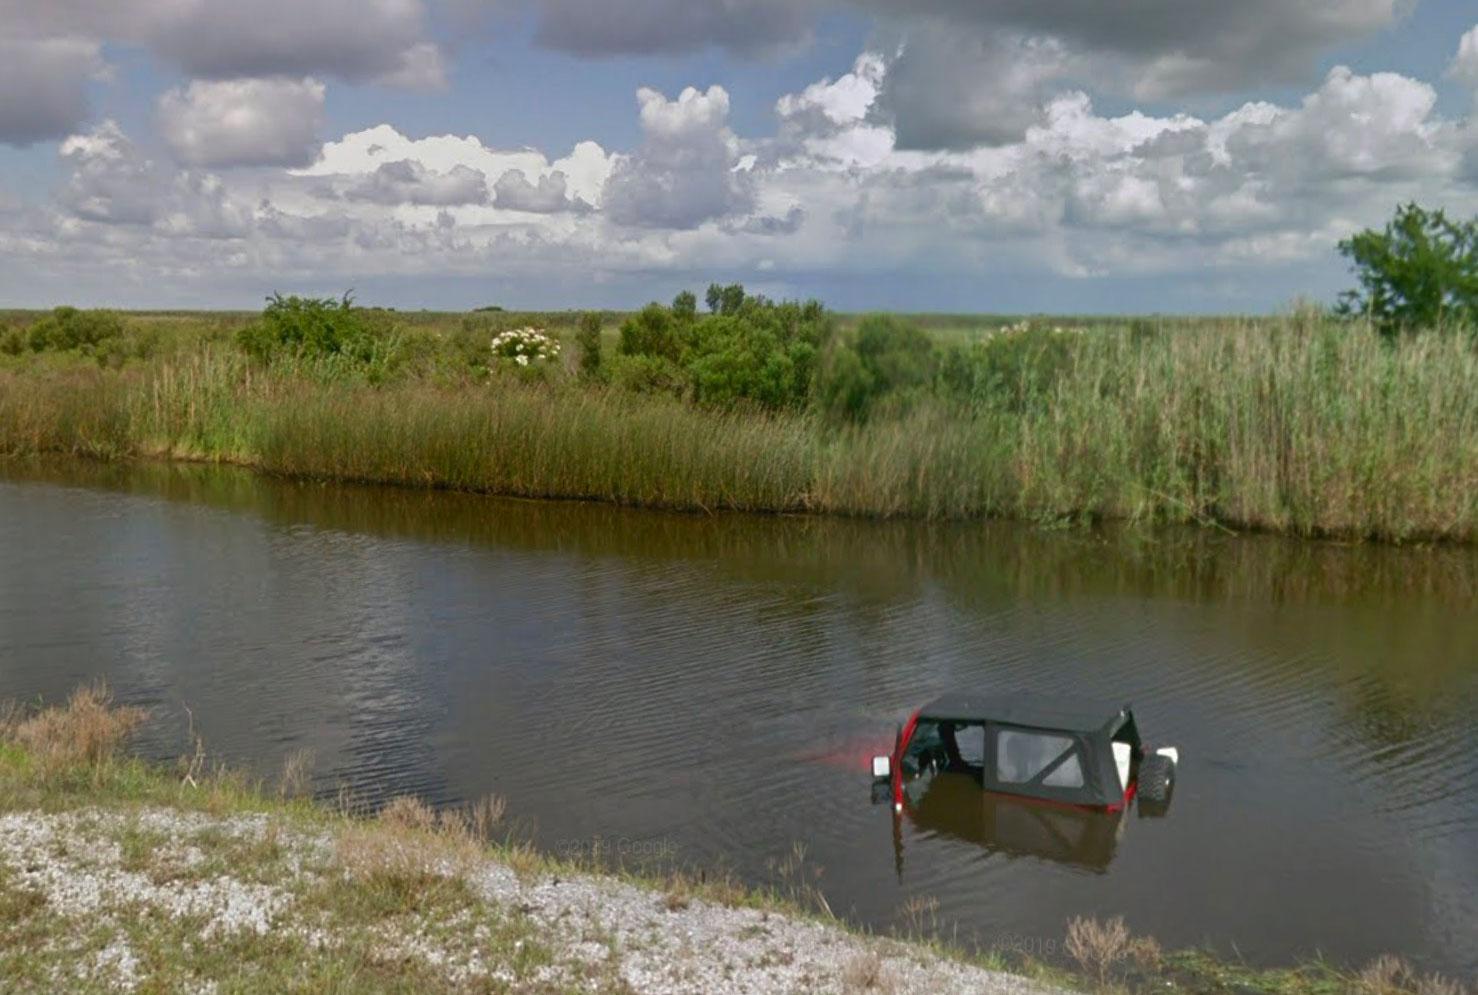 Mais comment cette Jeep a-t-elle bien pu se retrouver dans cette situation ?